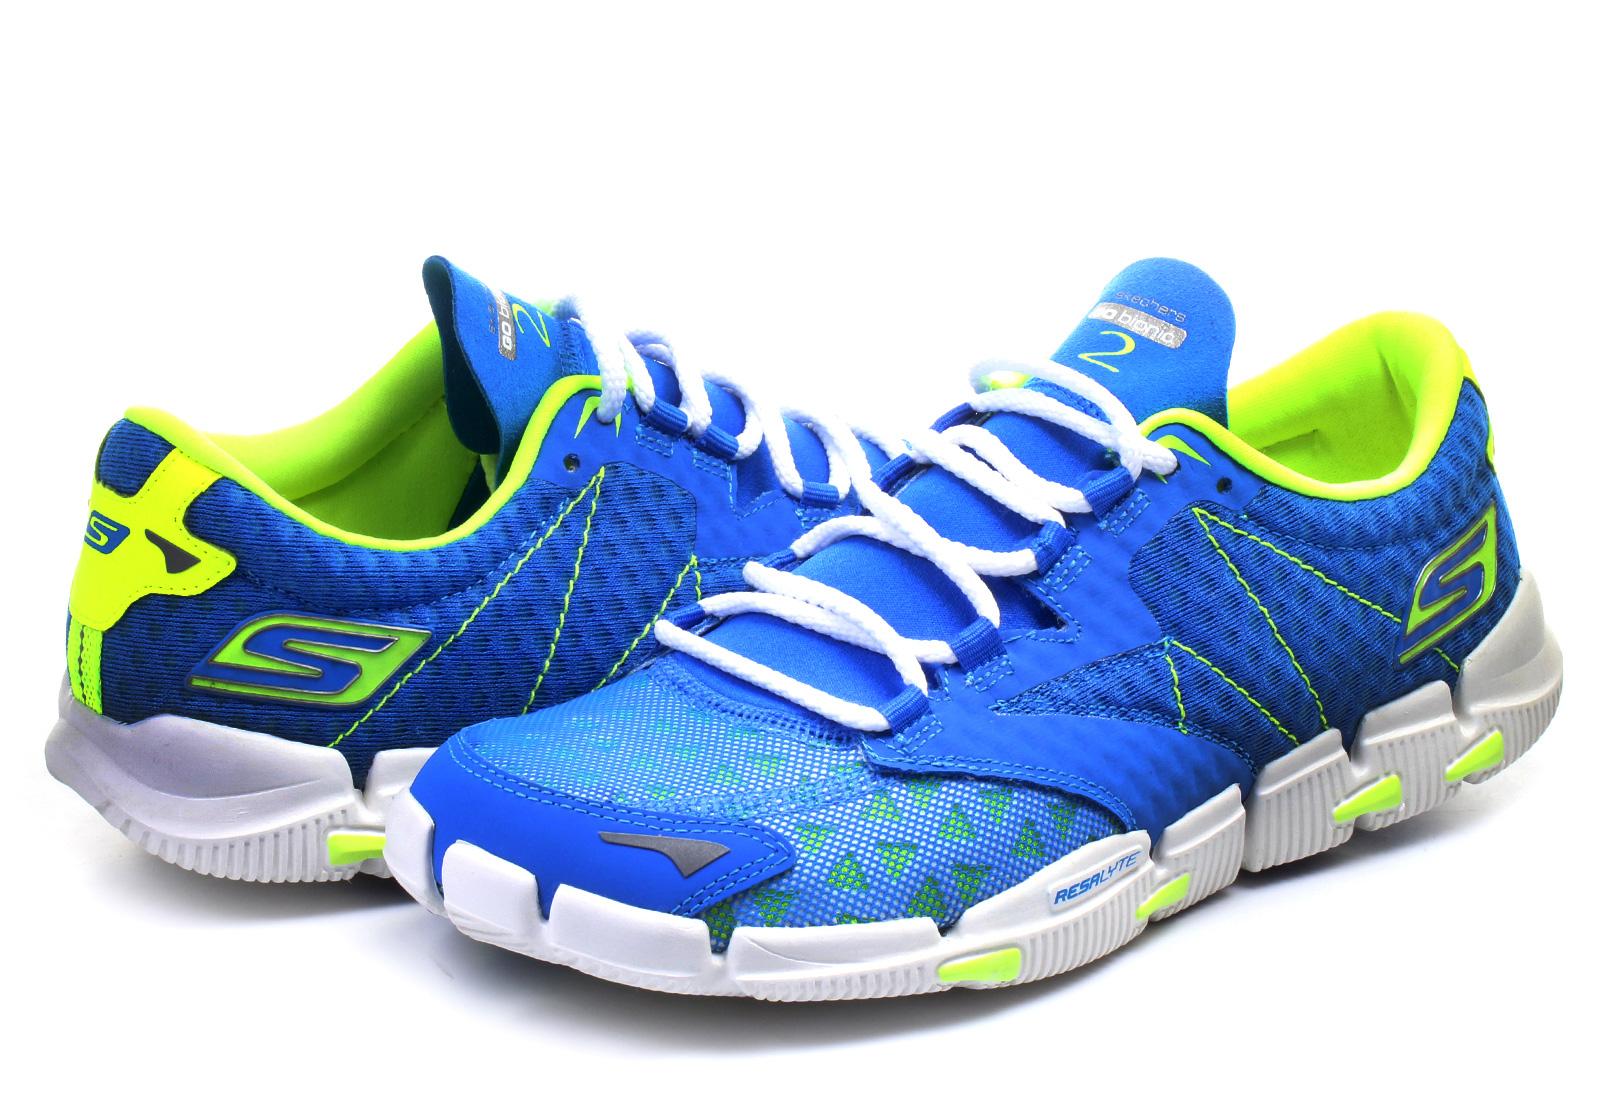 e7108ff2c0c8 Skechers Shoes - Go Bionic 2 - 53931-bllm - Online shop for sneakers ...